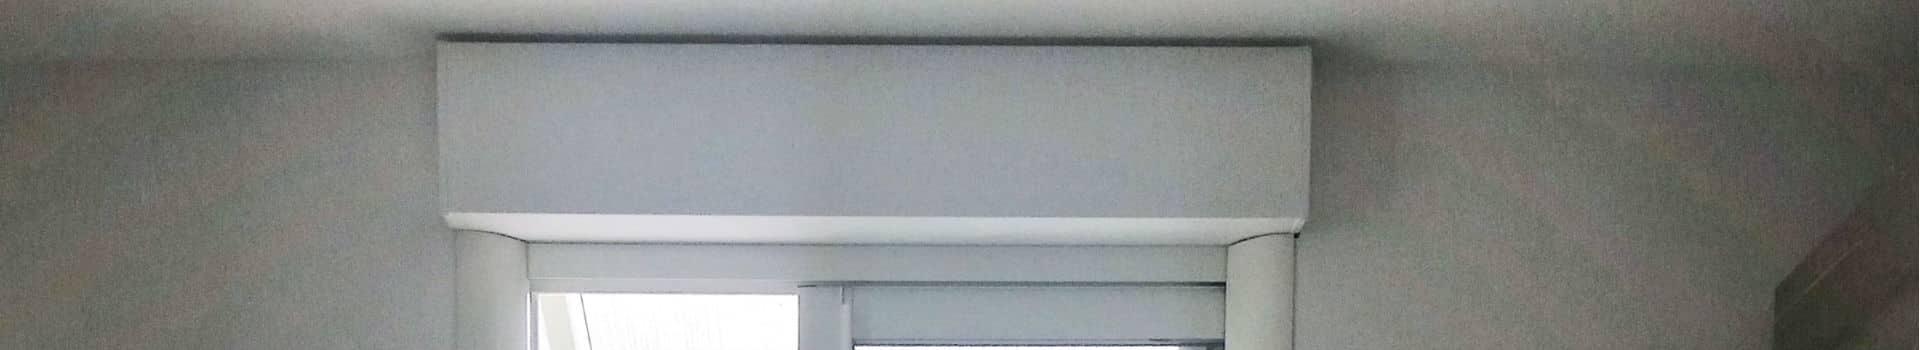 Devis Volet Roulant Bloc Baie Coffre Interieur Pour Renovation